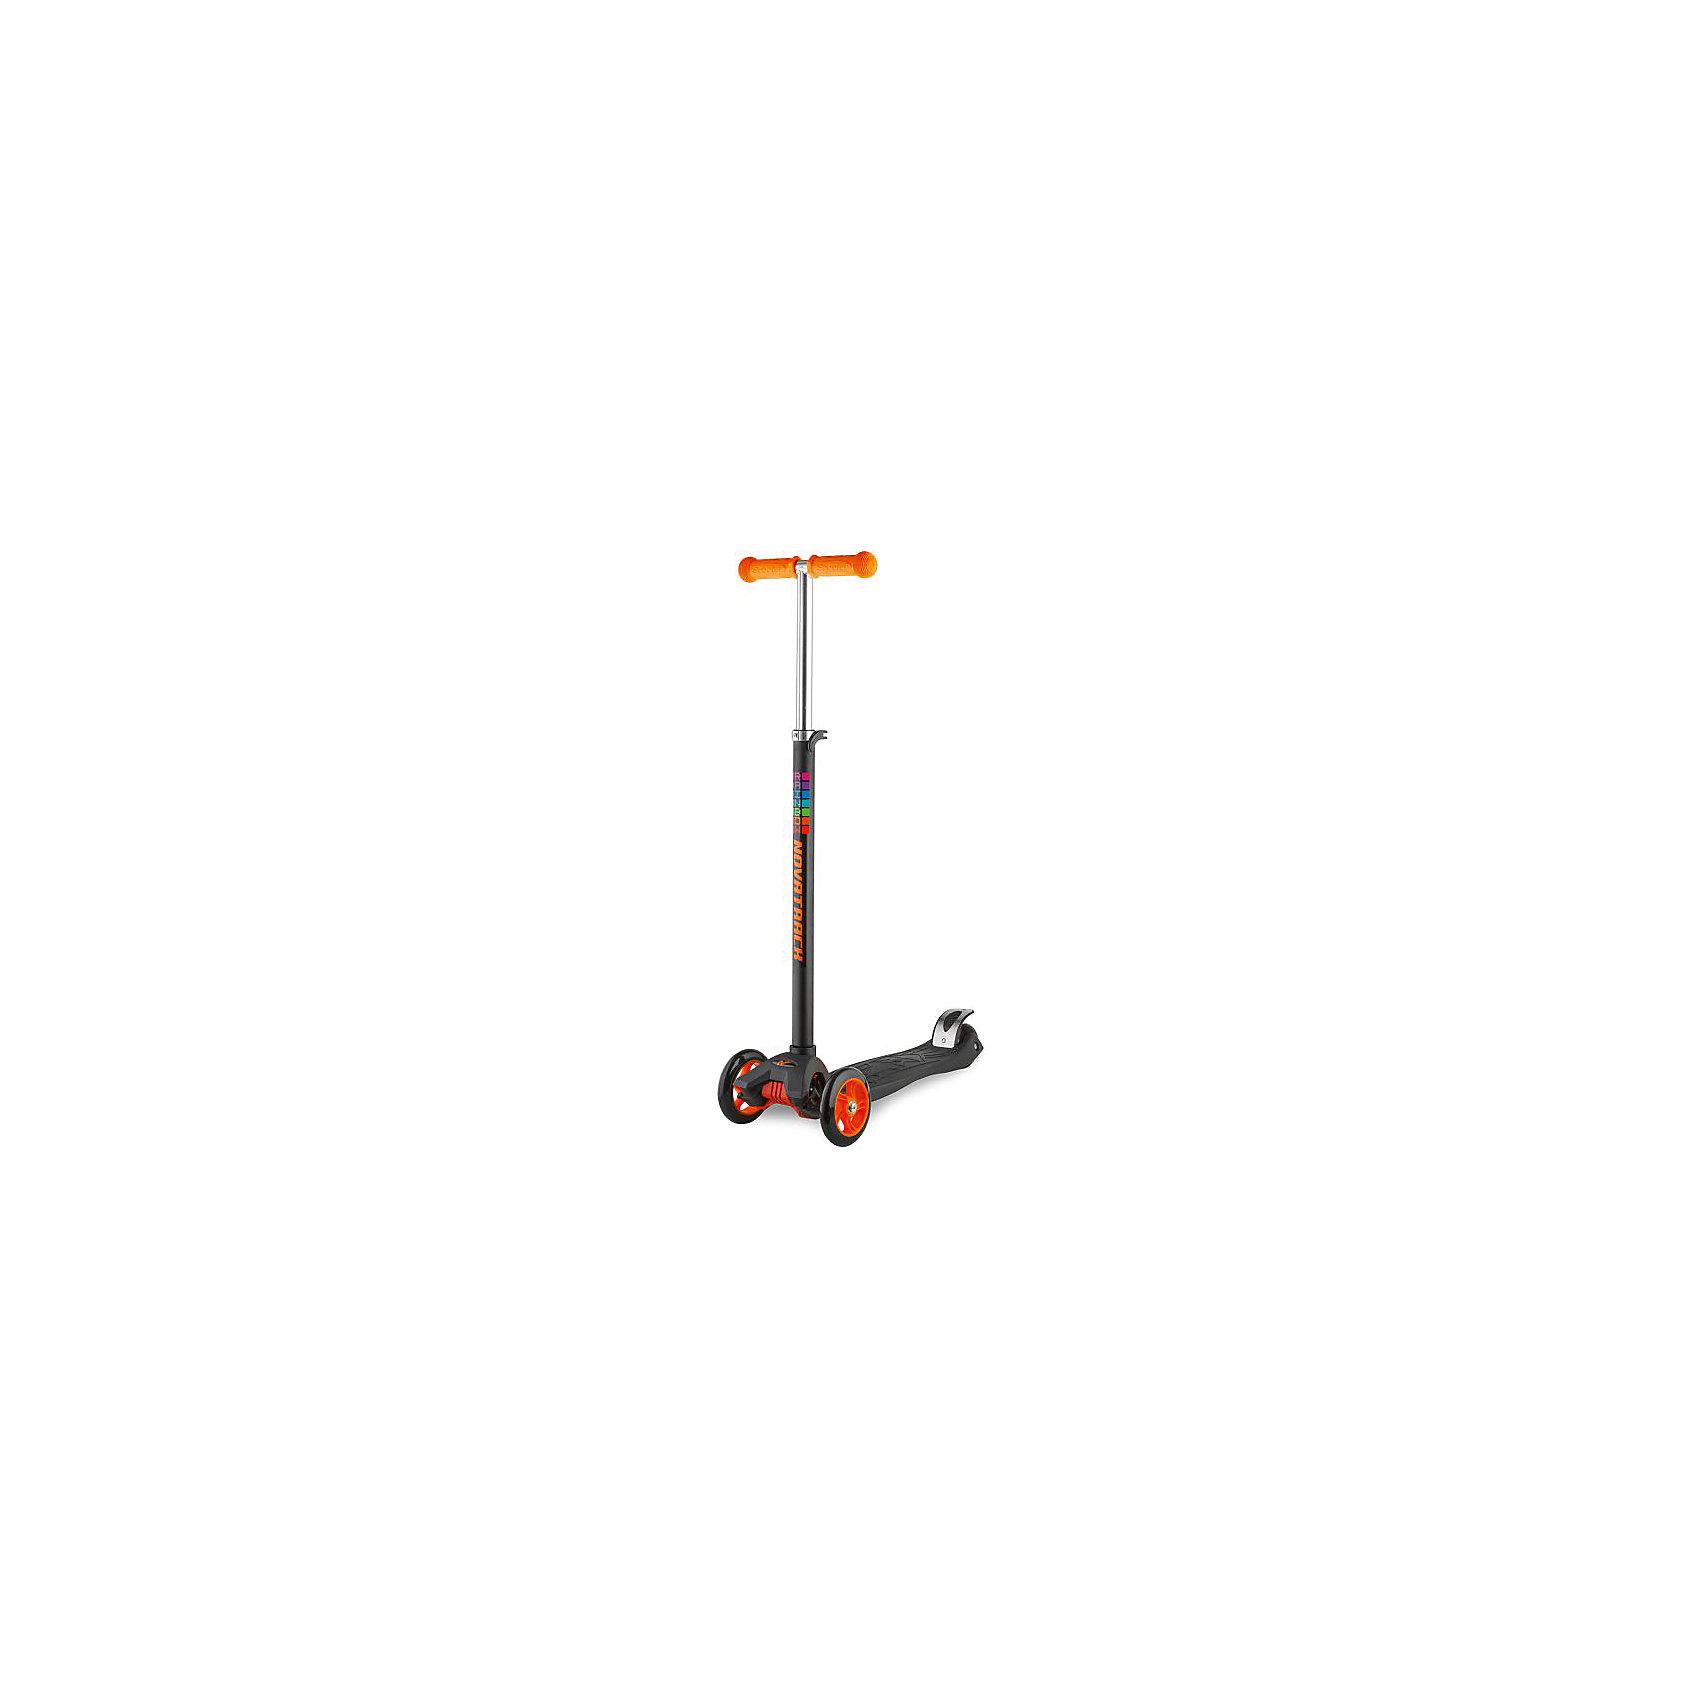 Самокат-кикборд подростковый RainBow, 60 кг, оранжевый, NovatrackСамокаты<br>Характеристики товара:<br><br>• цвет: оранжевый<br>• возраст от 3 лет<br>• максимальная нагрузка до 60 кг<br>• материал: пластик, алюминий<br>• материал колес полиуретан<br>• высота руля: 53-65 см<br>• подшипник АВЕС 7<br>• диаметр передних колес: 12 см<br>• диаметр заднего колеса: 8 см<br>• задний ножной тормоз<br>• прорезиненные накладки на руле<br>• бесшумная езда<br>• размер упаковки 60х28х15 см<br>• вес упаковки 3 кг<br>• страна производитель: Китай<br><br>Самокат-кикборд подростковый, голубой, RainBow Novatrack понравится любителям активного времяпрепровождения на свежем воздухе. Благодаря 2 передним колесам самокат отличается хорошей устойчивостью. <br><br>Самокат изготовлен из прочного алюминия, дека выполнена из ударопрочного пластика. Специальные прорезиненные накладки на руле не дают ладошкам соскальзывать во время катания. Подшипник обеспечивает бесшумную и ровную езду. Ножной тормоз гарантирует быстрое торможение перед препятствием.<br><br>Самокат-кикборд подростковый, голубой, RainBow Novatrack  можно приобрести в нашем интернет-магазине.<br><br>Ширина мм: 600<br>Глубина мм: 150<br>Высота мм: 280<br>Вес г: 2970<br>Возраст от месяцев: 36<br>Возраст до месяцев: 2147483647<br>Пол: Унисекс<br>Возраст: Детский<br>SKU: 5528460